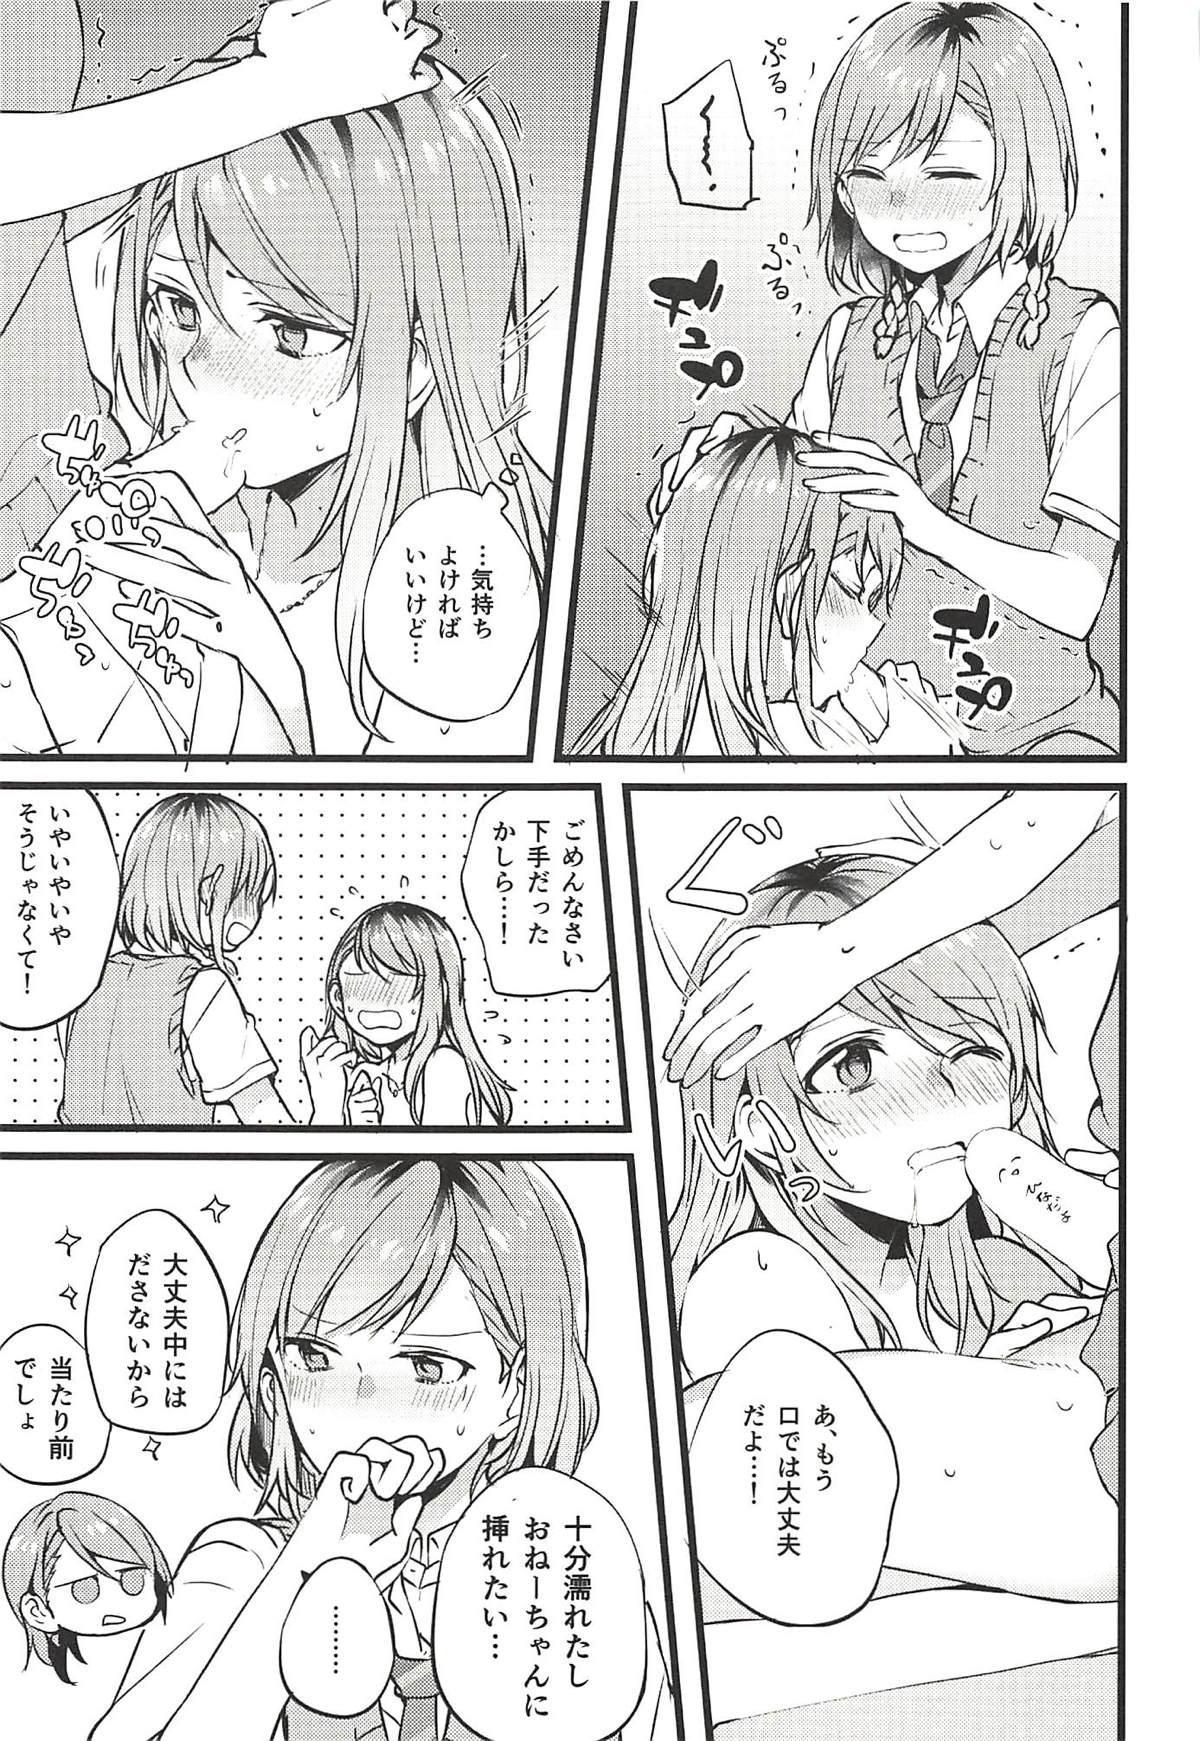 Kimi no Koi wa Watashi no Koi 23